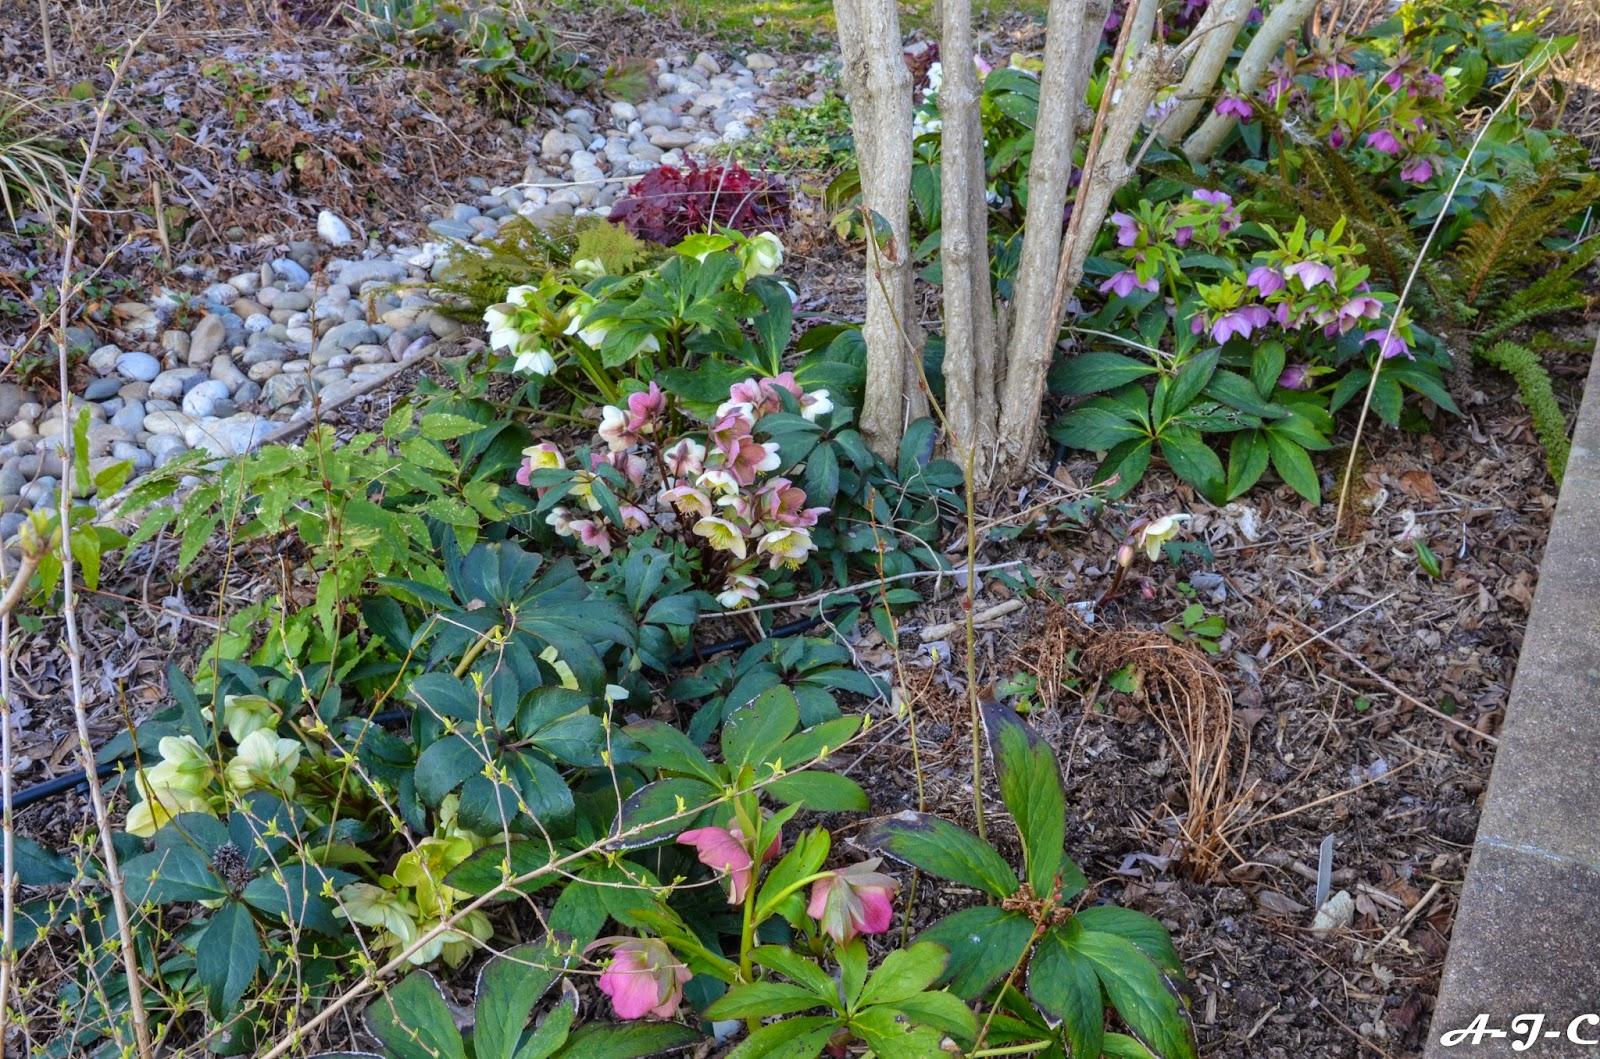 Le jardin de daphn e mars 2015 for Jardin mars 2015